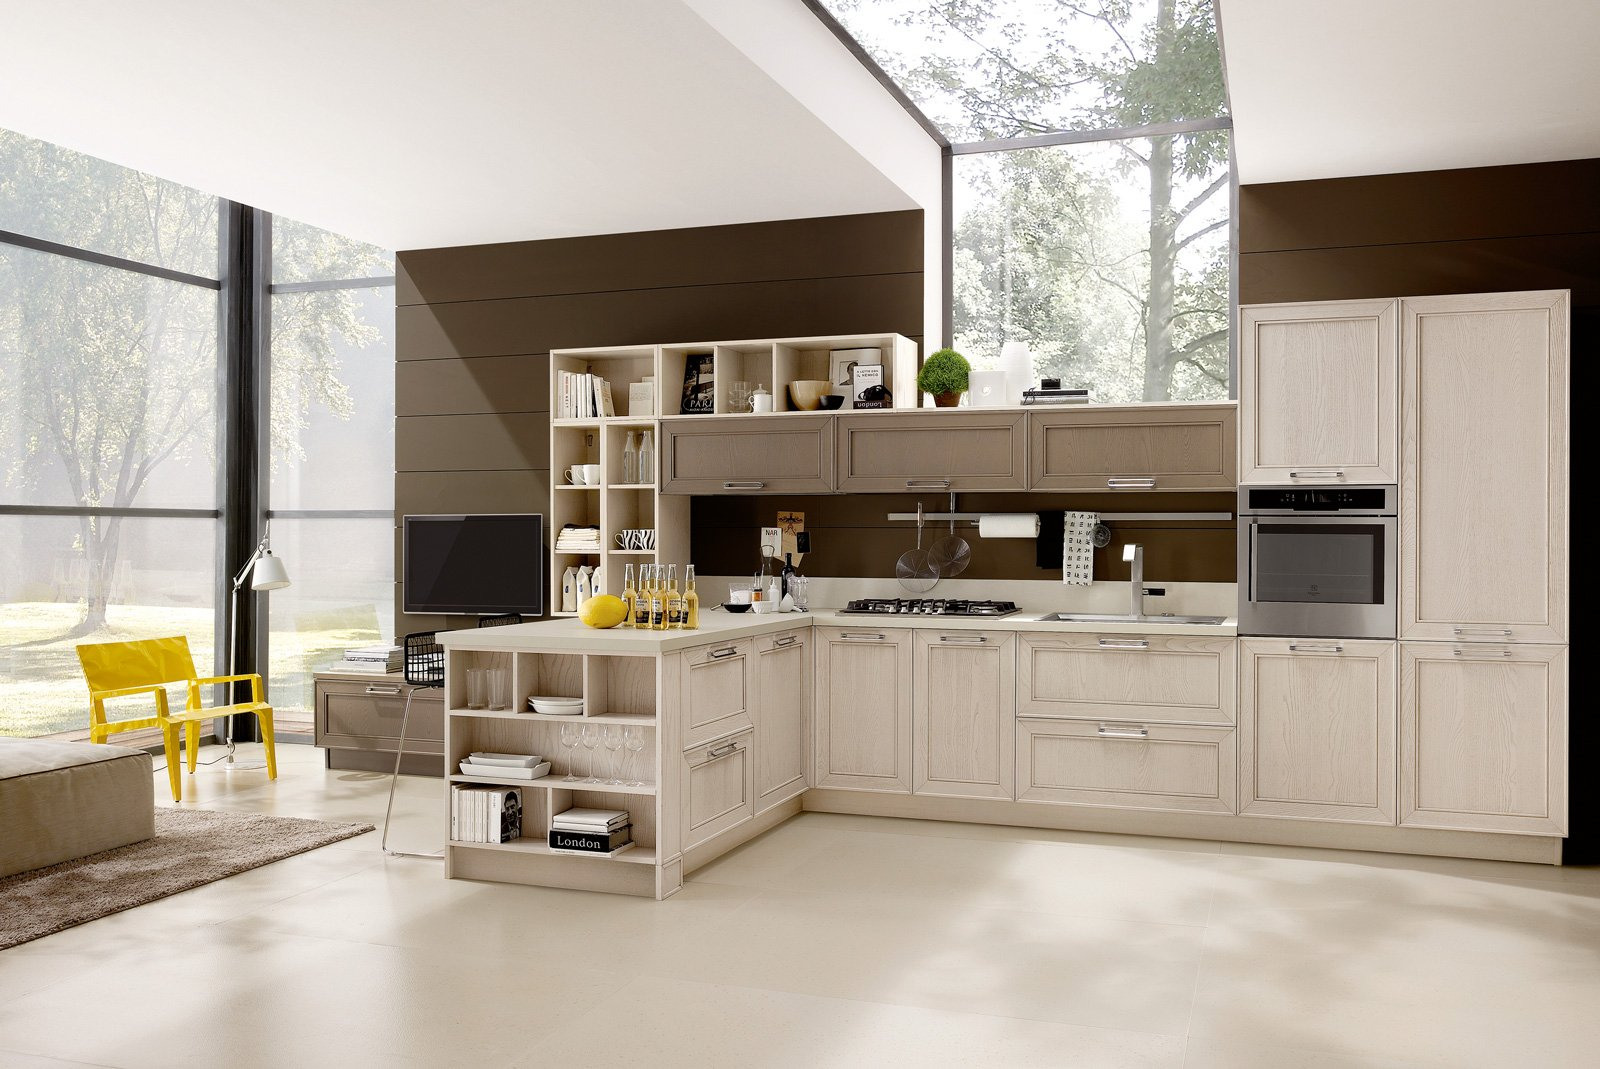 arredamento cucine piccole - cose di casa - Arredamento Cucine Piccole